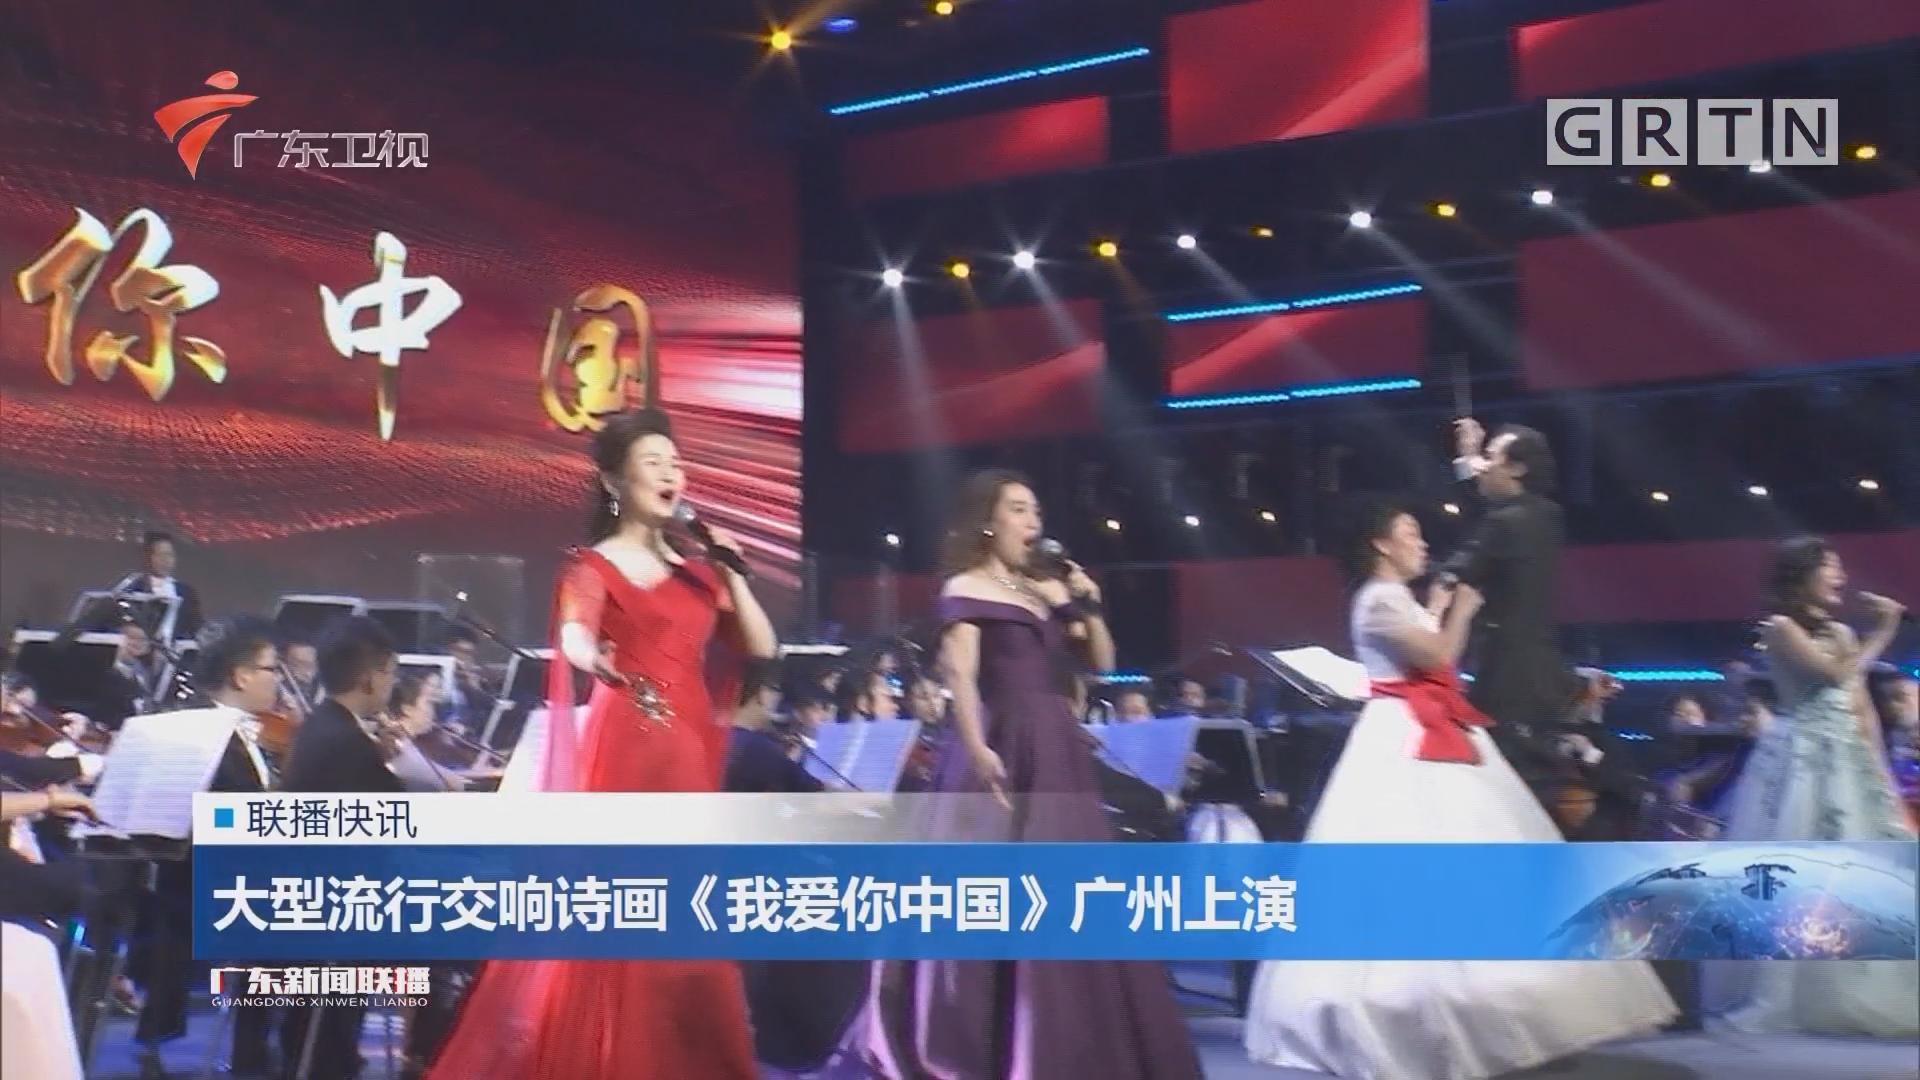 大型流行交响诗画《我爱你中国》广州上演